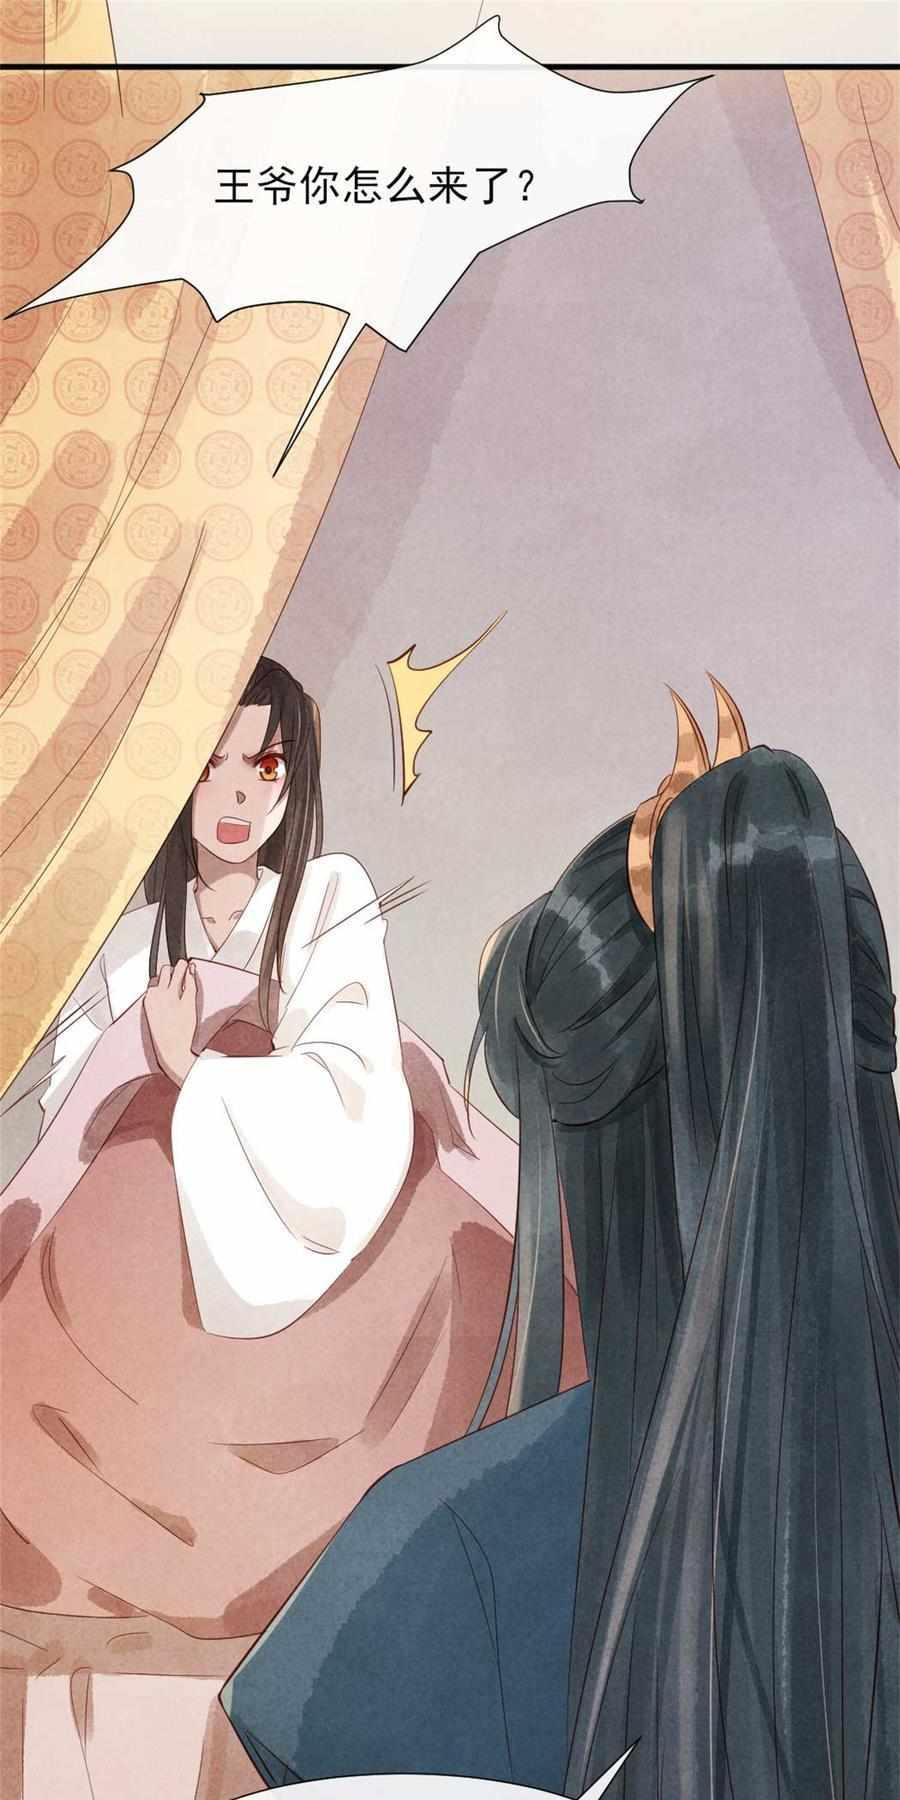 纨绔王妃要爬墙第17话  第17话 跟我回王府 第 16